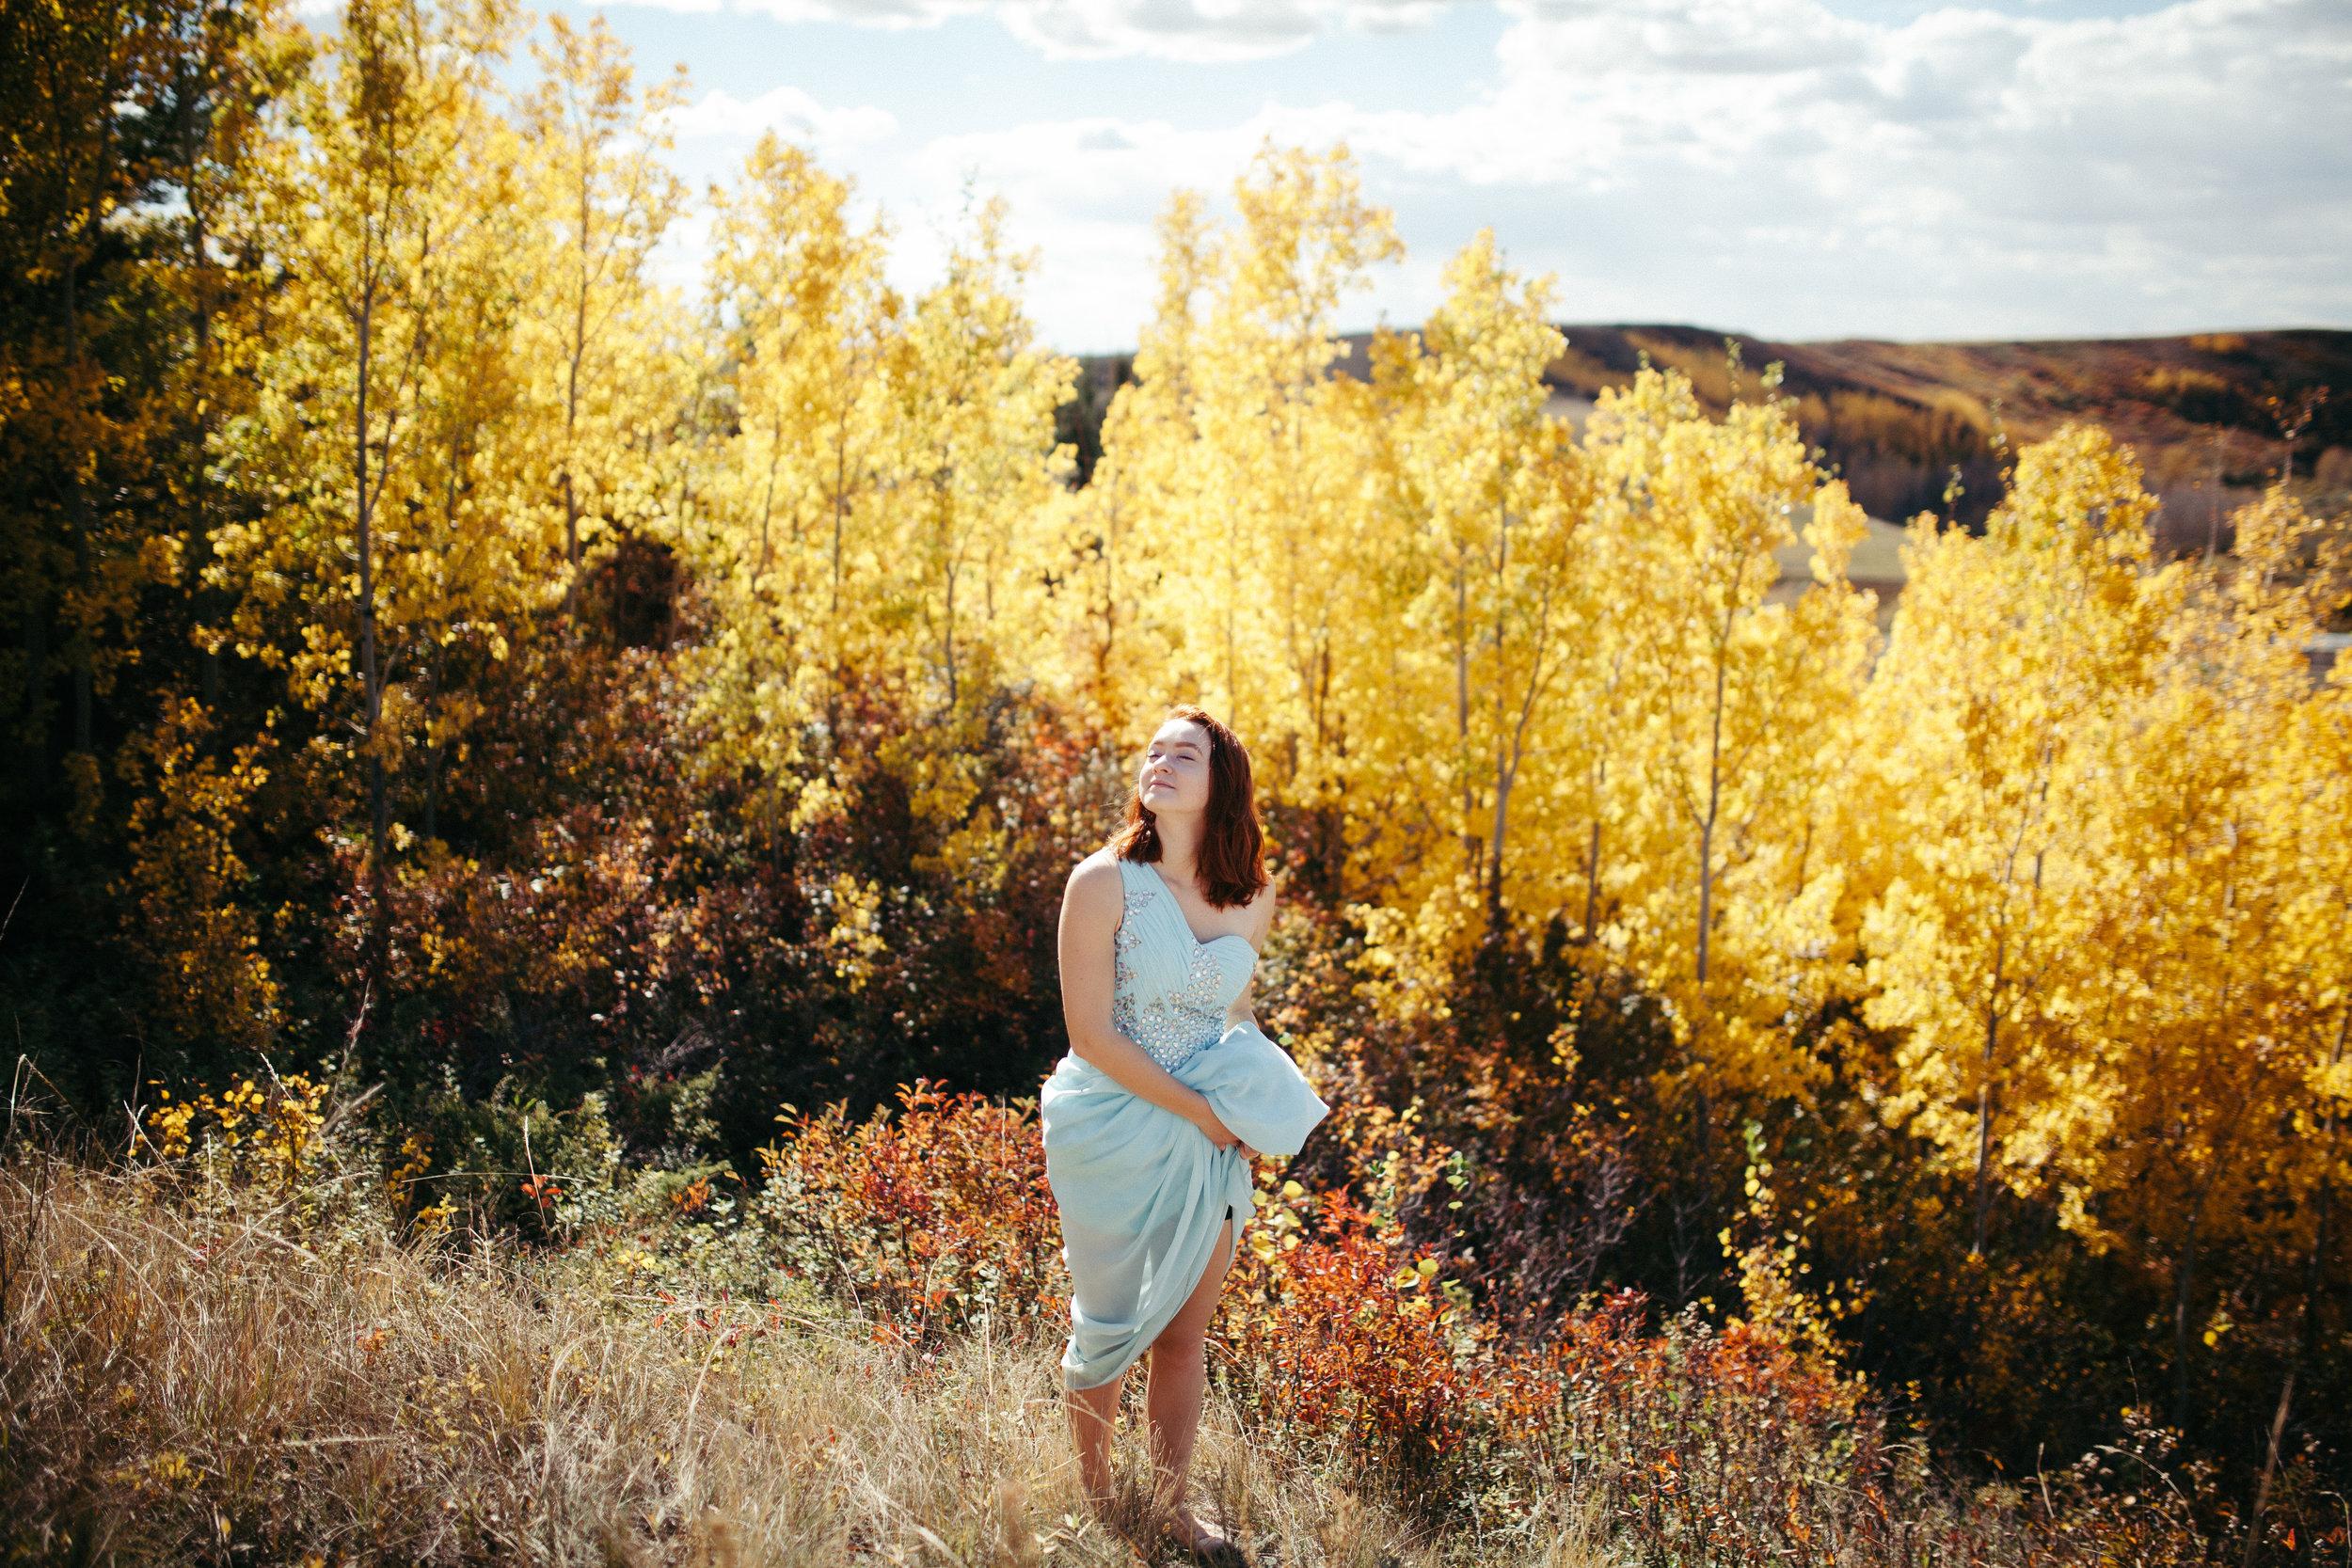 Anne_Portraits_U-32.jpg